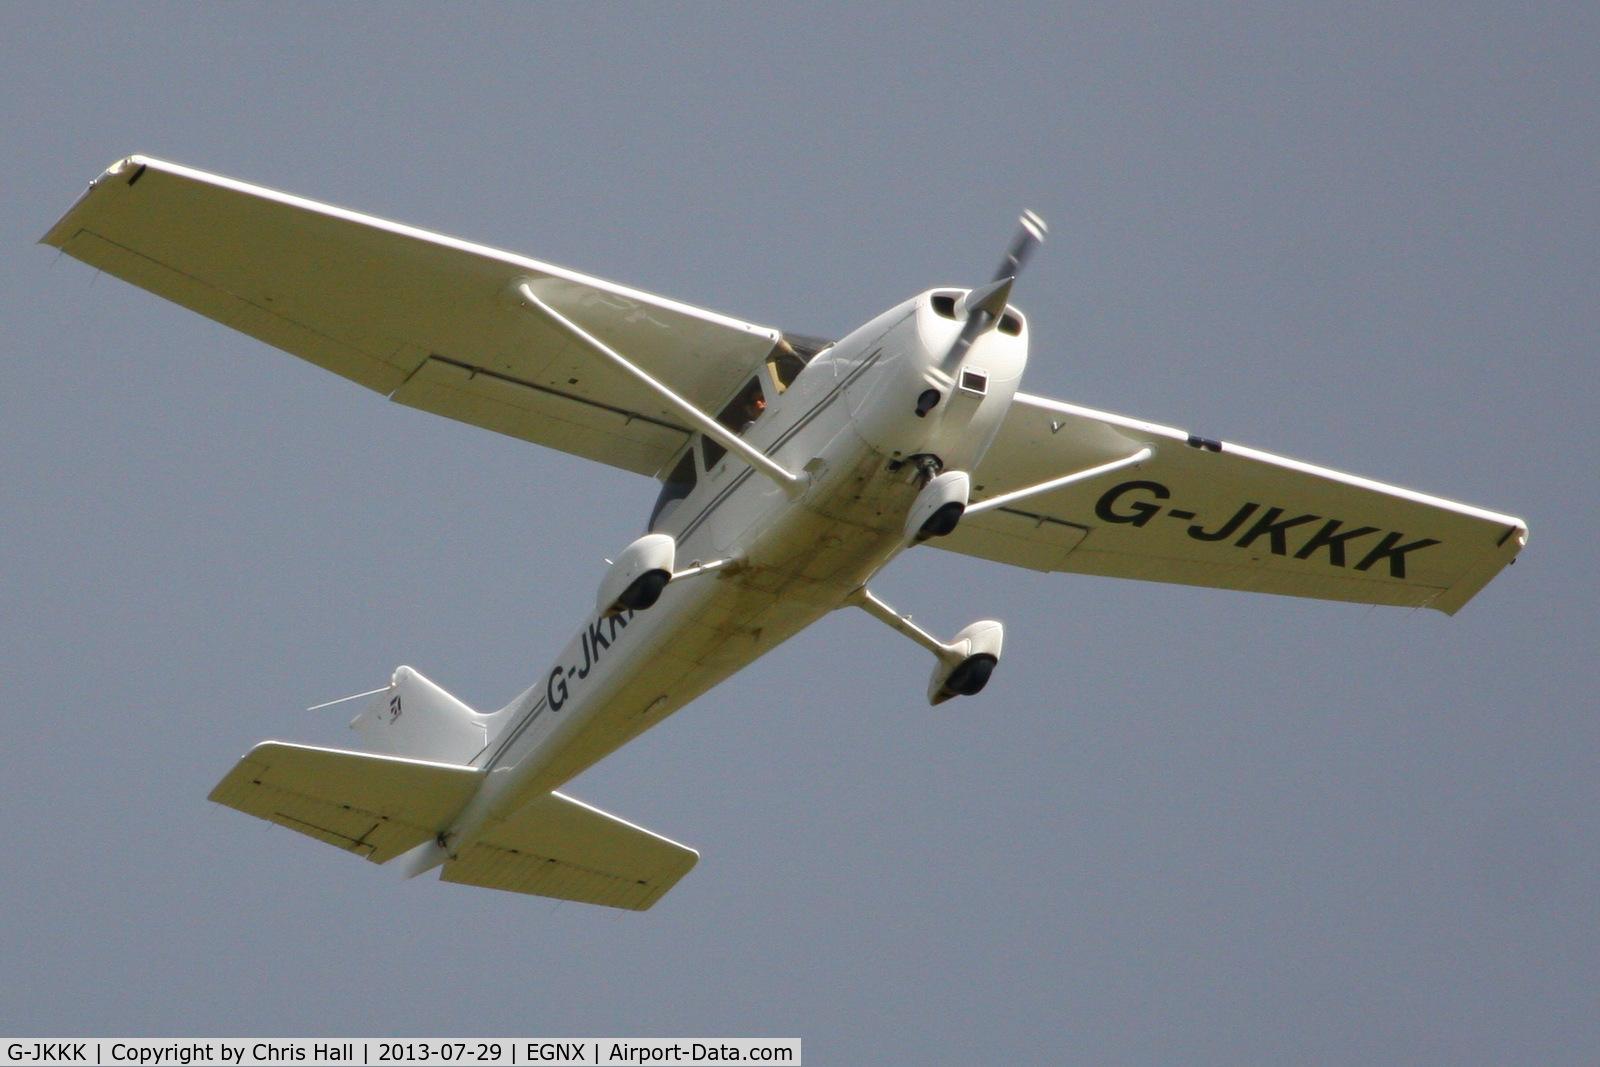 G-JKKK, 2008 Cessna 172S Skyhawk C/N 172S10663, privately owned